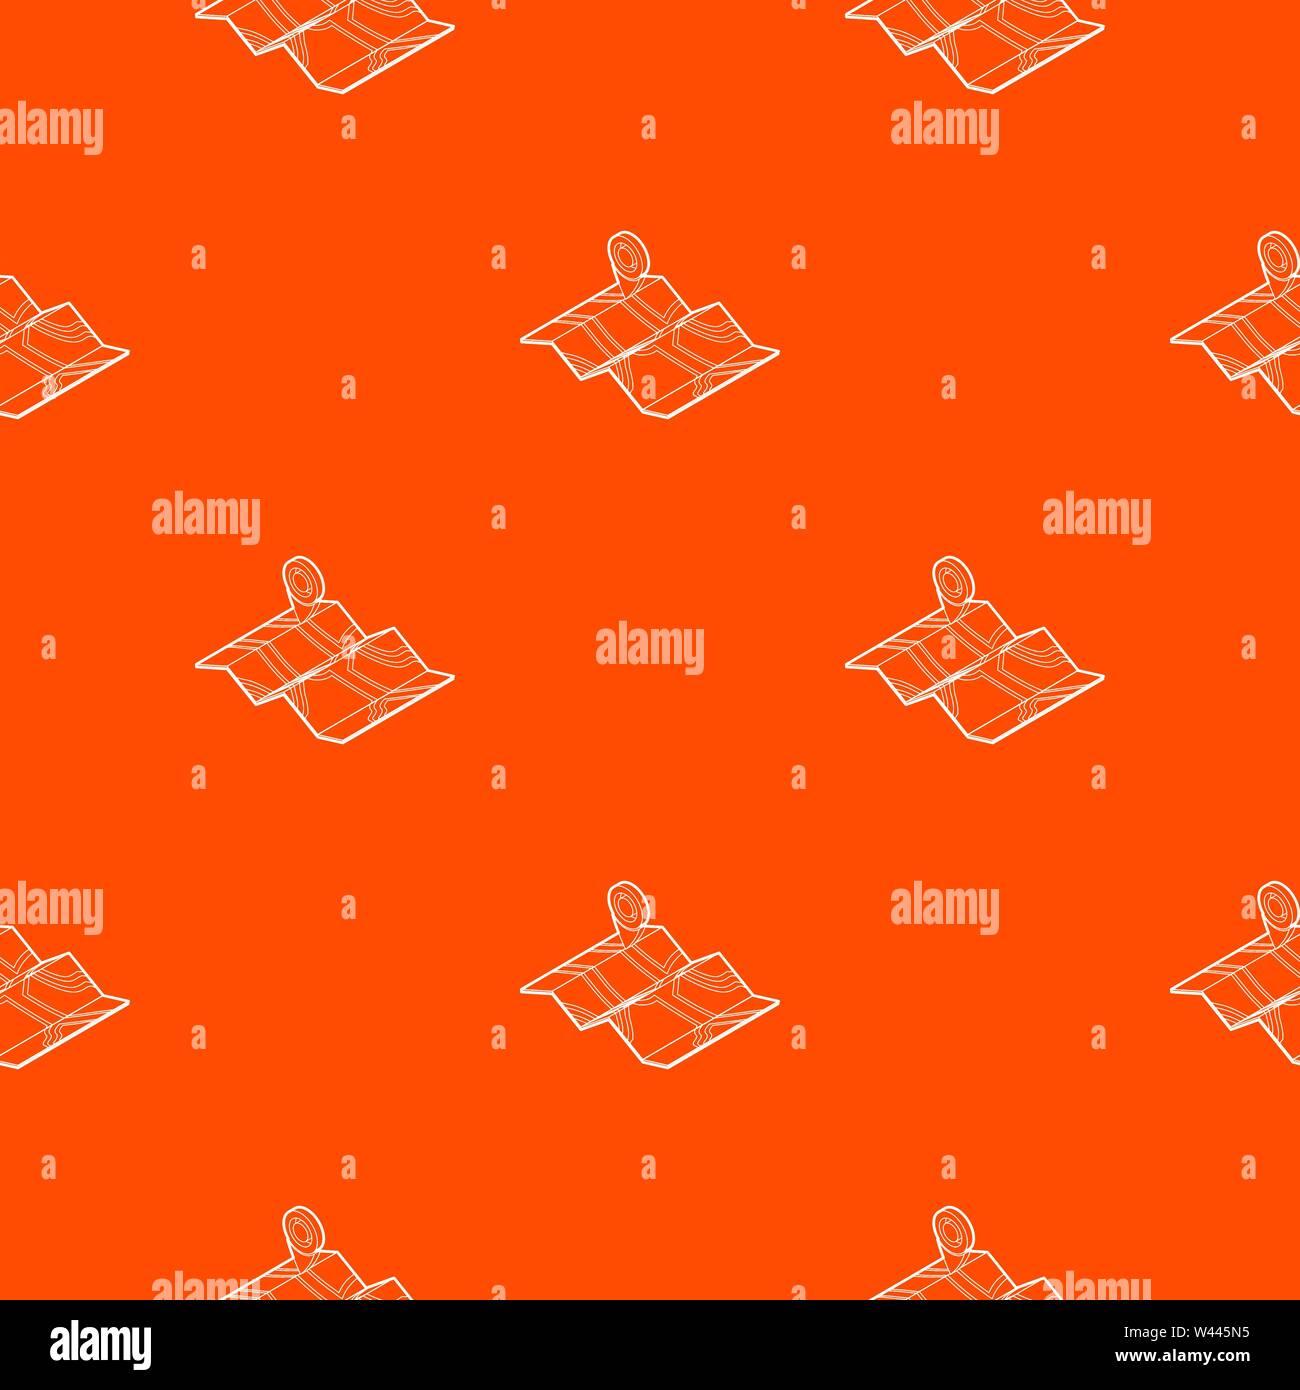 Map pattern vector orange - Stock Vector